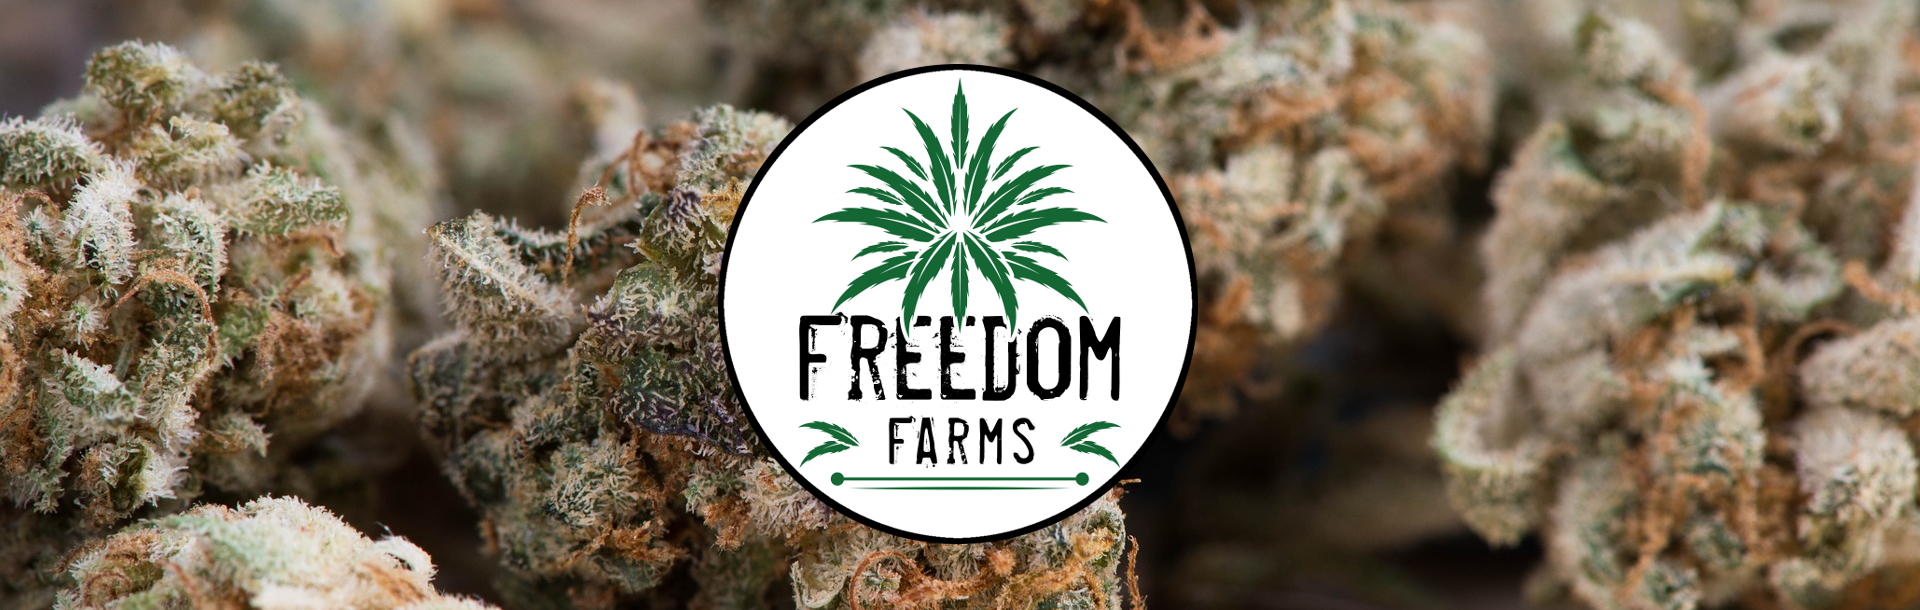 freedom farms